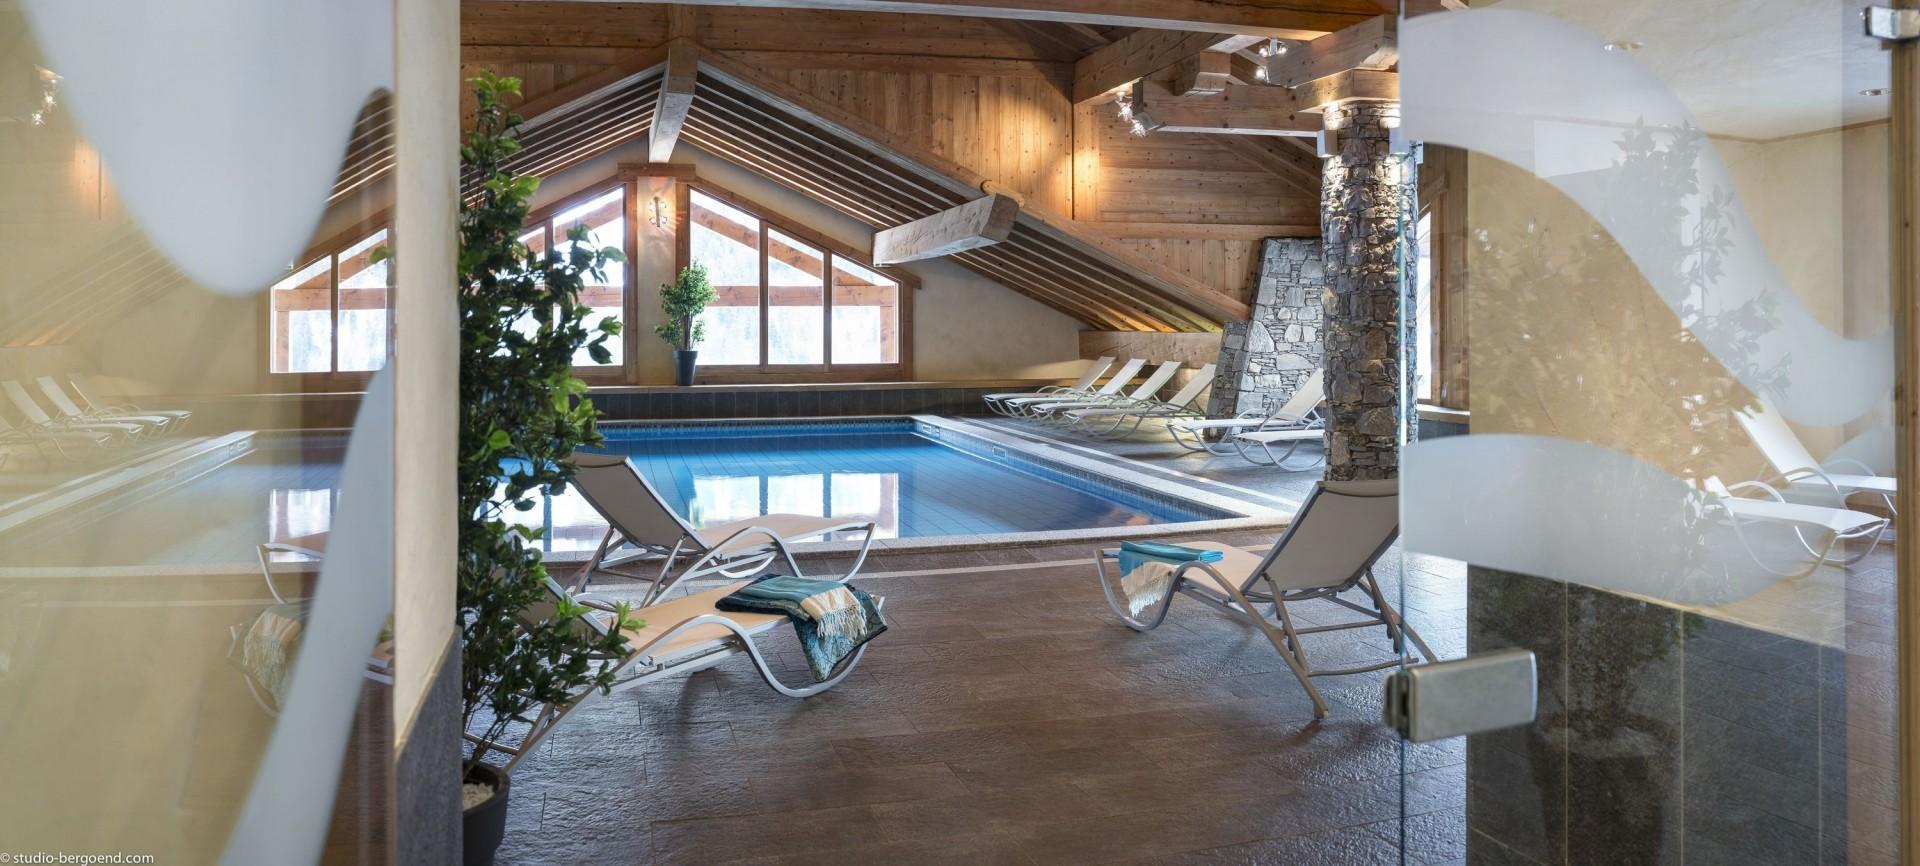 Champagny En Vanoise Location Appartement Luxe Chapminice Piscine